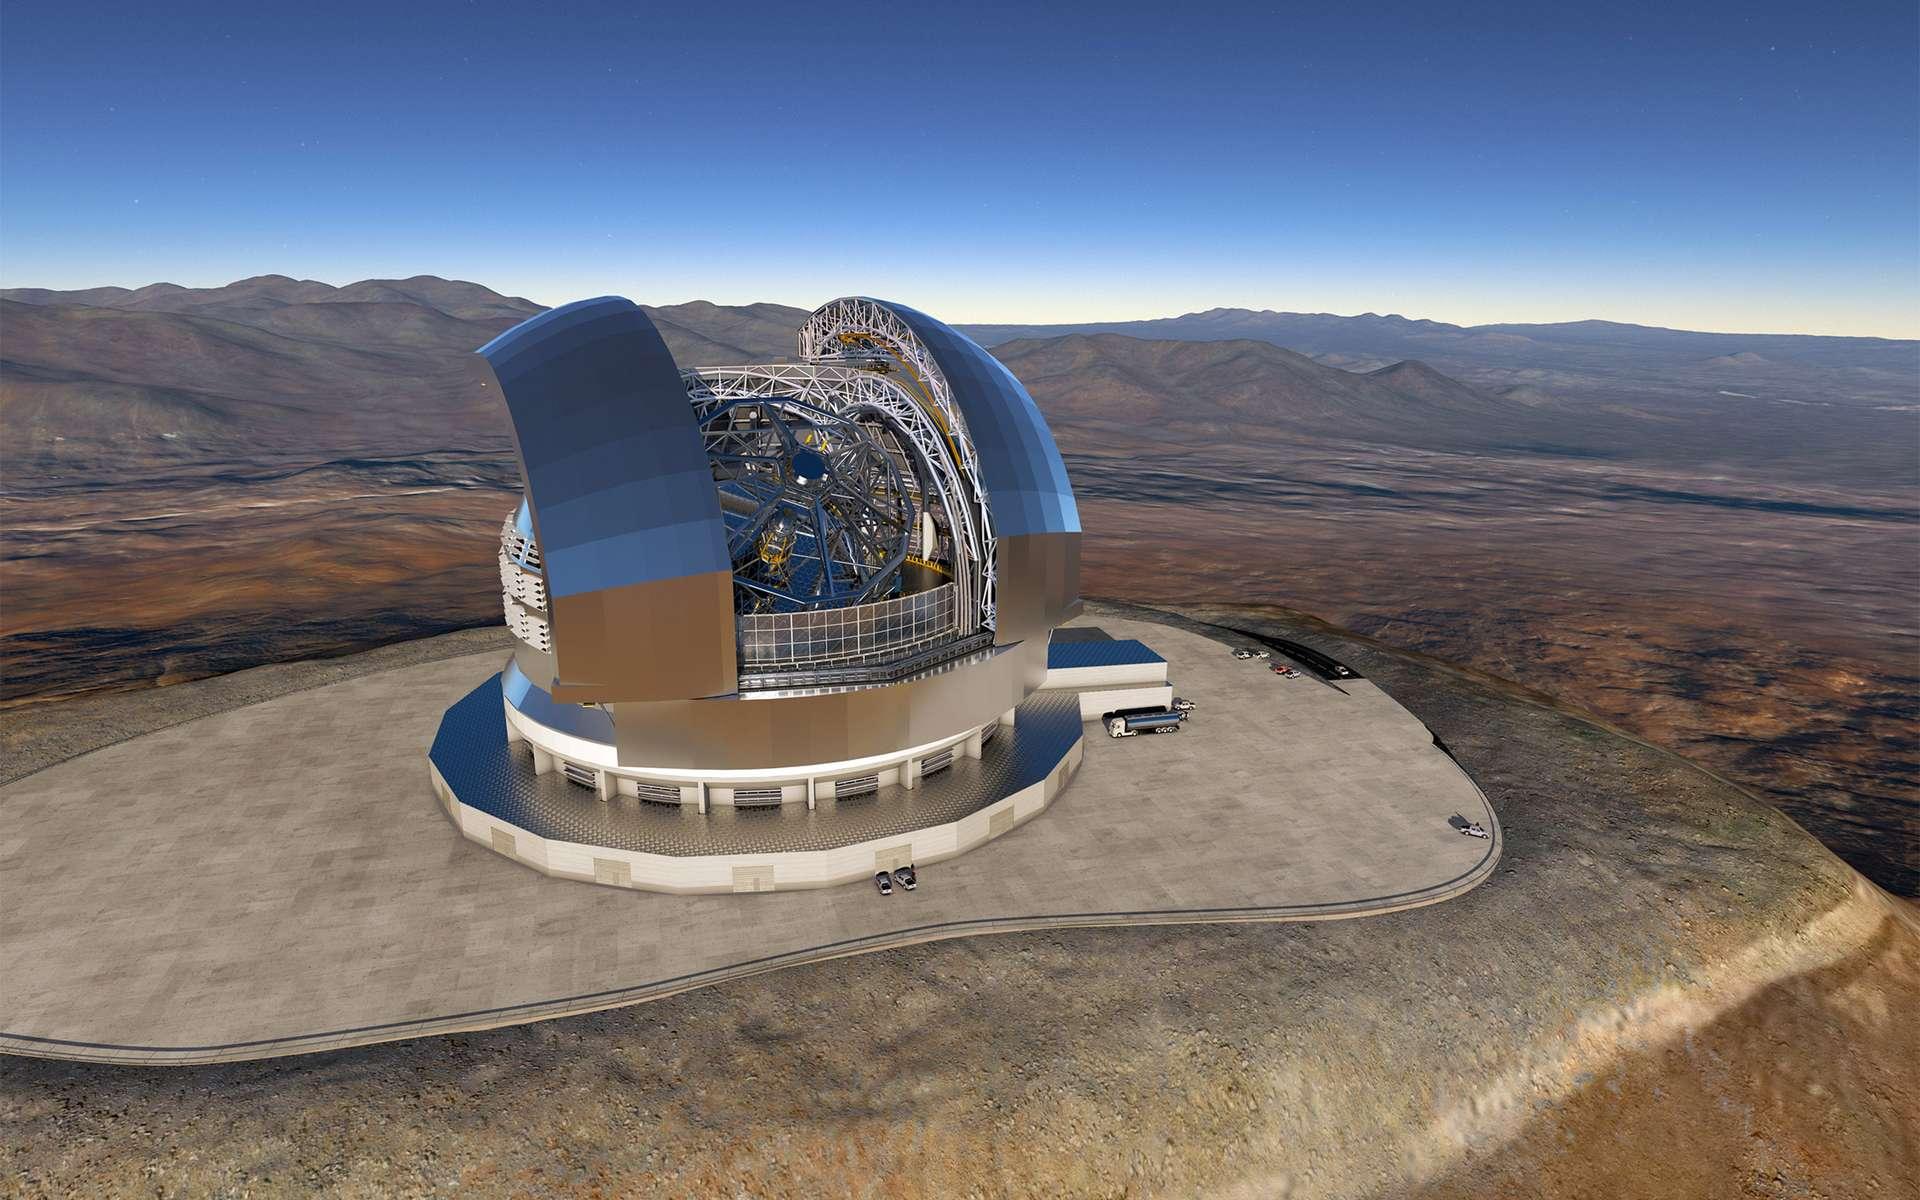 Vue d'artiste du télescope géant de l'ESO (E-ELT), dont la construction a débuté au Chili. Cet observatoire, doté d'un miroir primaire de 39 mètres, sera installé au sommet du Cerro Armazones. Sa mise en service et ses premières lumières sont prévues en 2026. © ESO